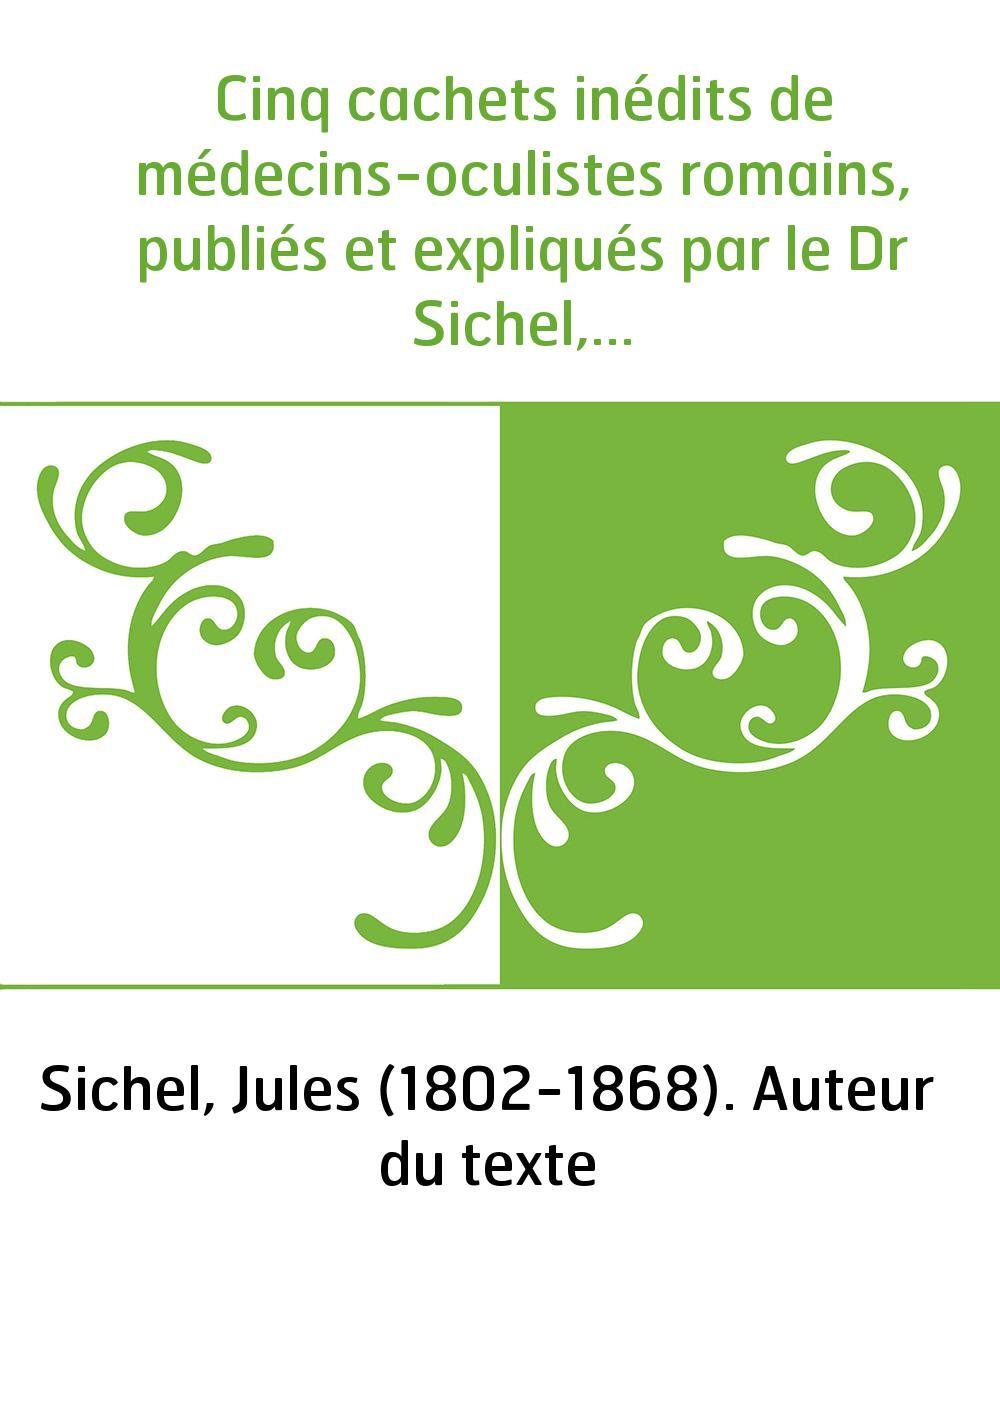 Cinq cachets inédits de médecins-oculistes romains, publiés et expliqués par le Dr Sichel,...